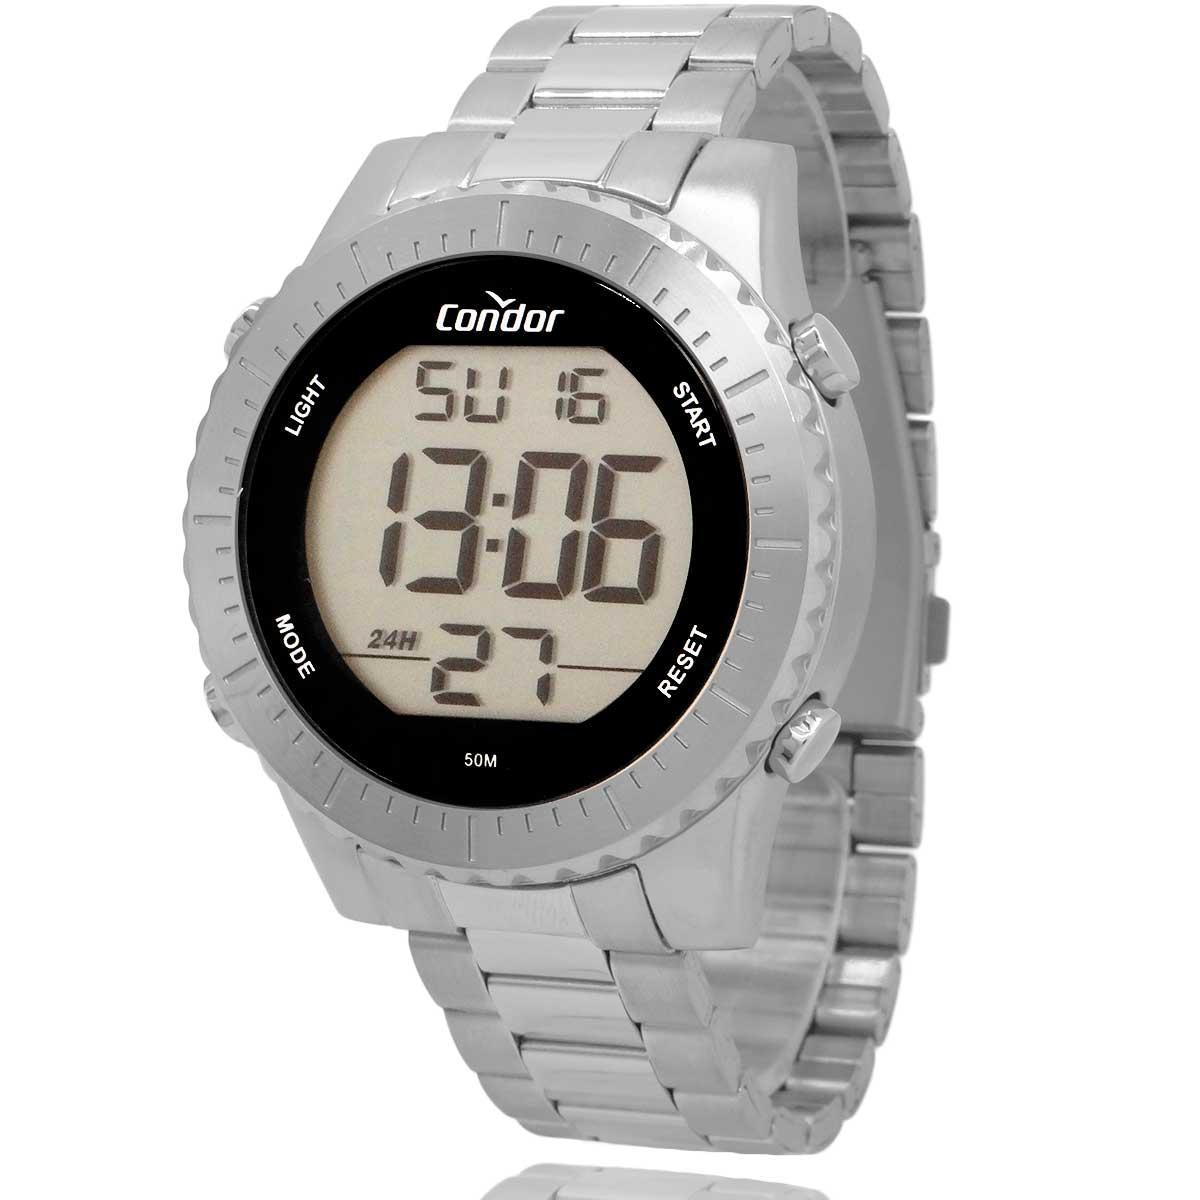 Relógio Digital Condor Masculino Prata com Carteira Lebrave Brinde COBJ3463AB2K